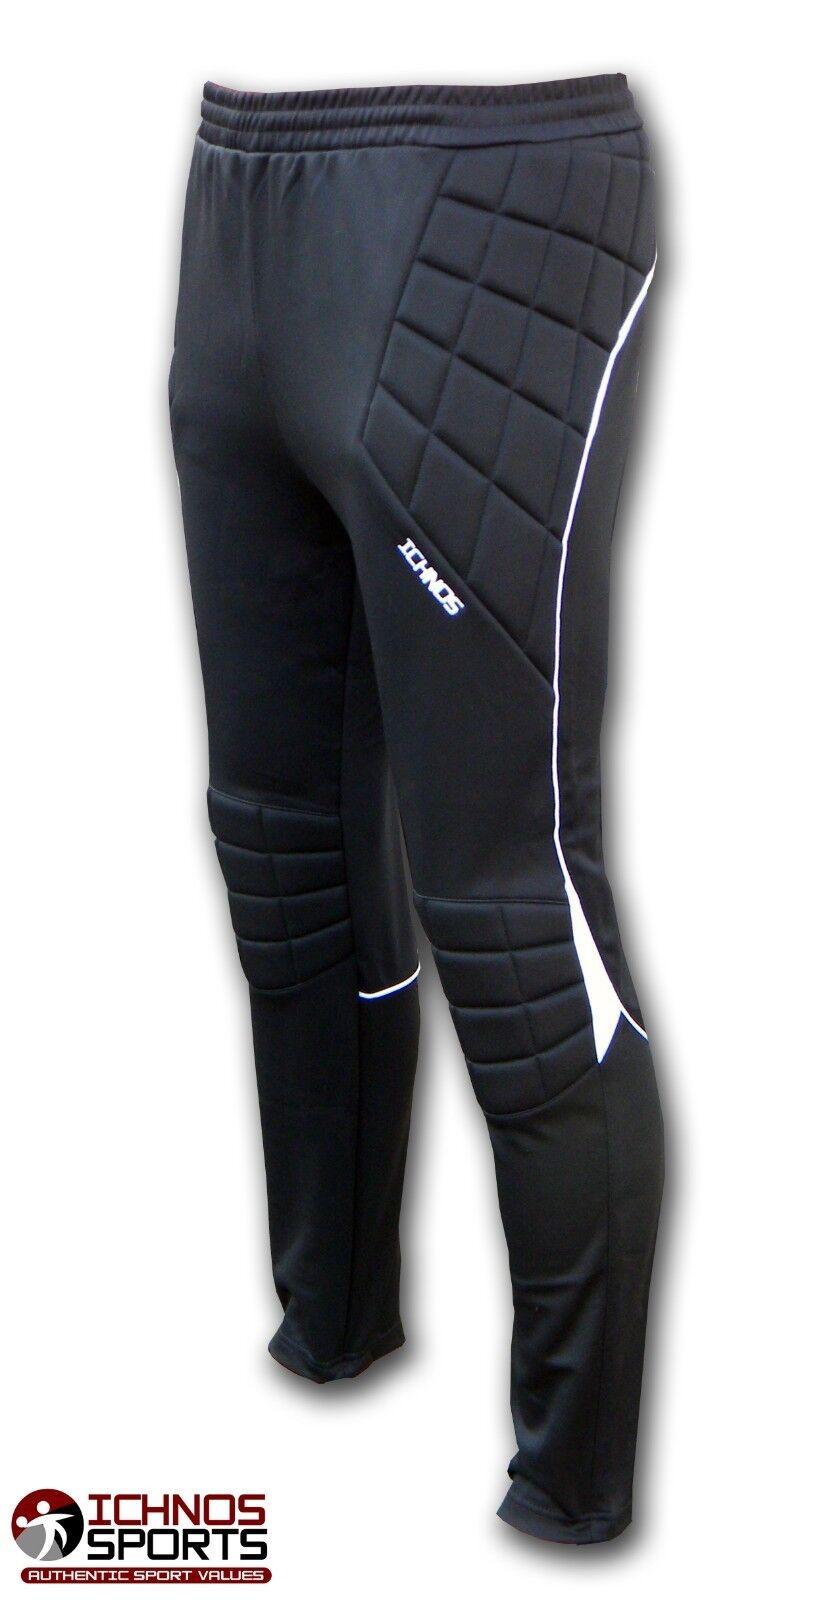 Ichnos Torwart gepolsterte lange Hosen Hosen Fussball Fussball Fussball Futsal Größe M